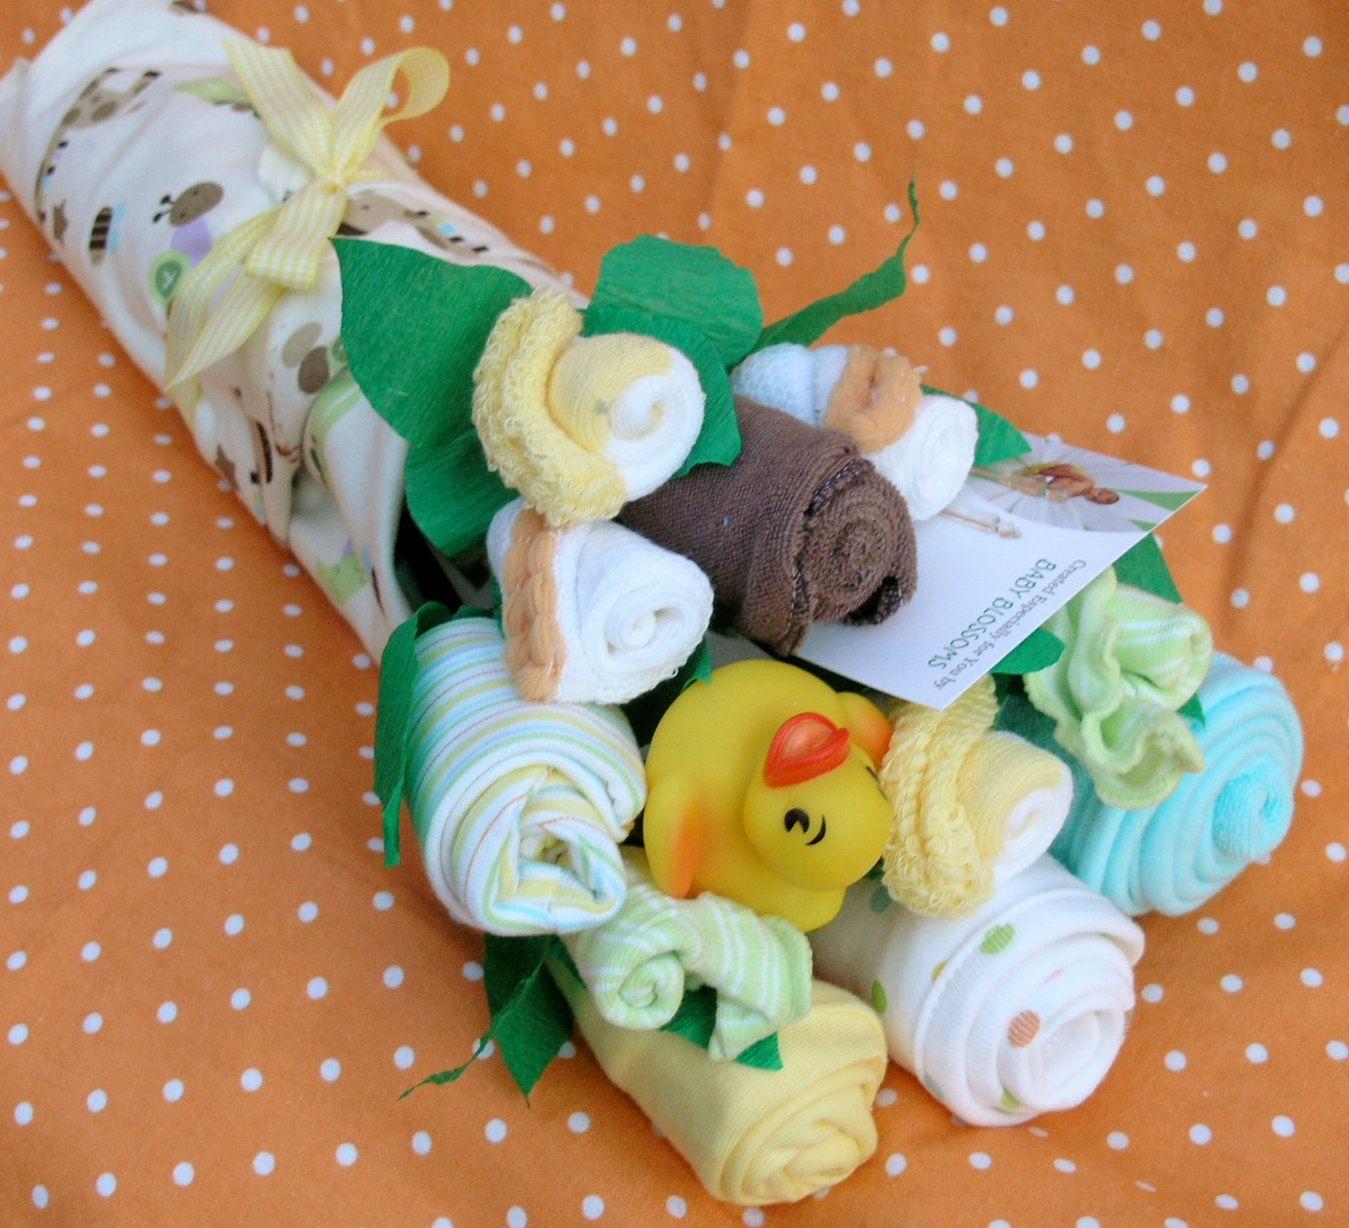 Gender Neutral Baby Shower Gift Bouquet Baby shower